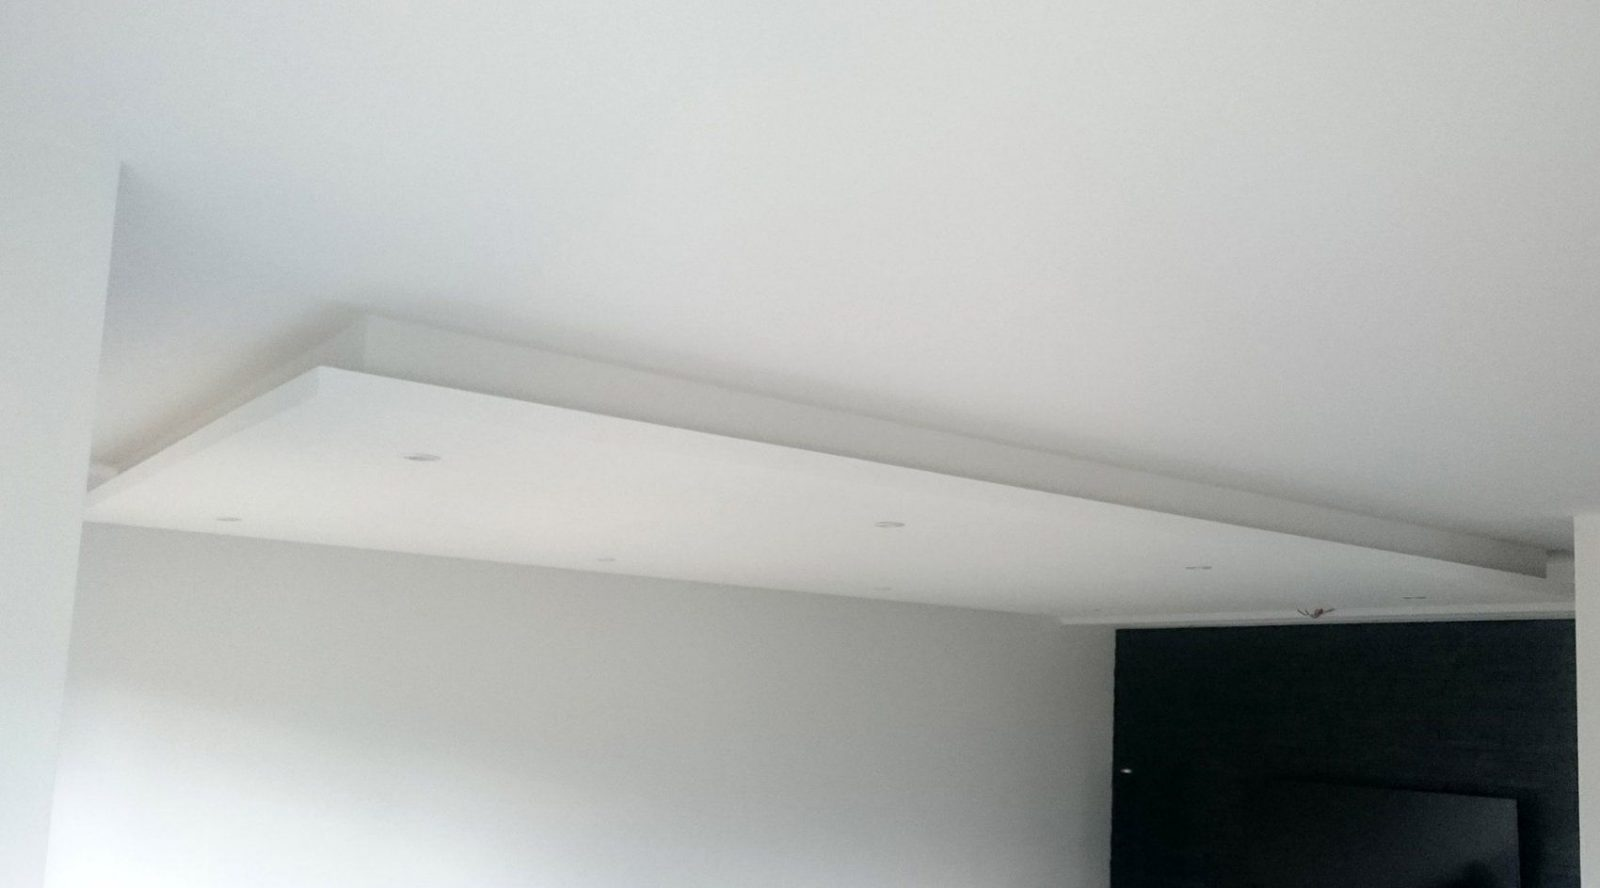 Abgehängte Decke Mit Indirekter Beleuchtung (Lichtvouten) Selber Machen von Indirektes Licht Selber Bauen Bild